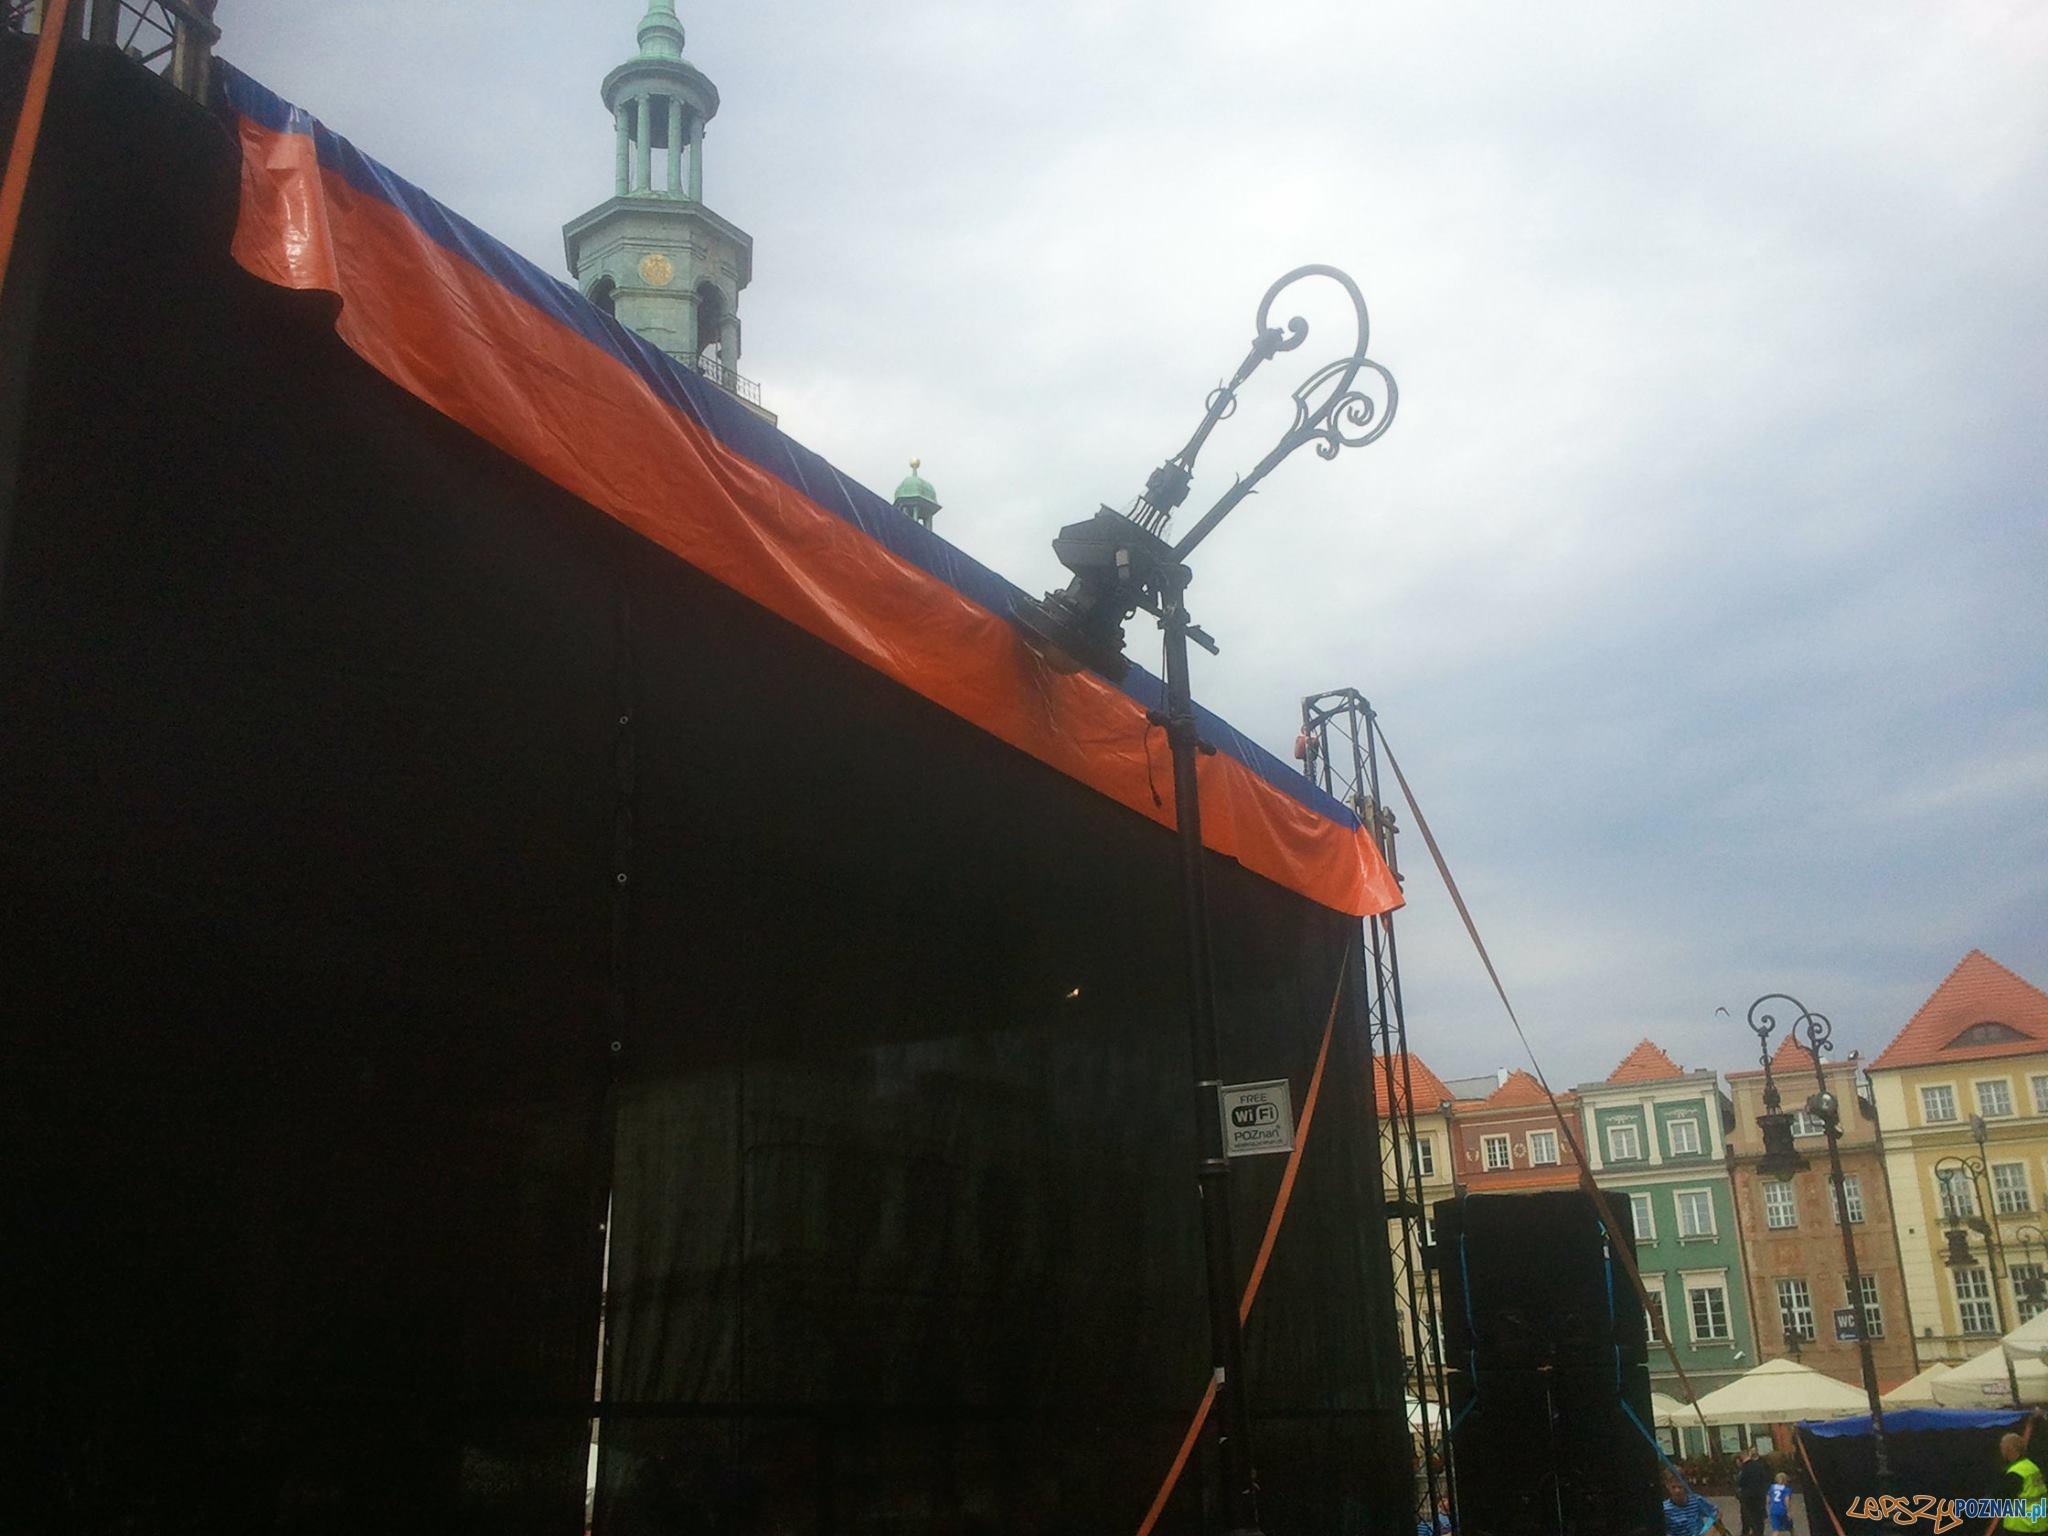 Uszkodzona latarnia na Starym Rynku  Foto: news@lepszypoznan.pl